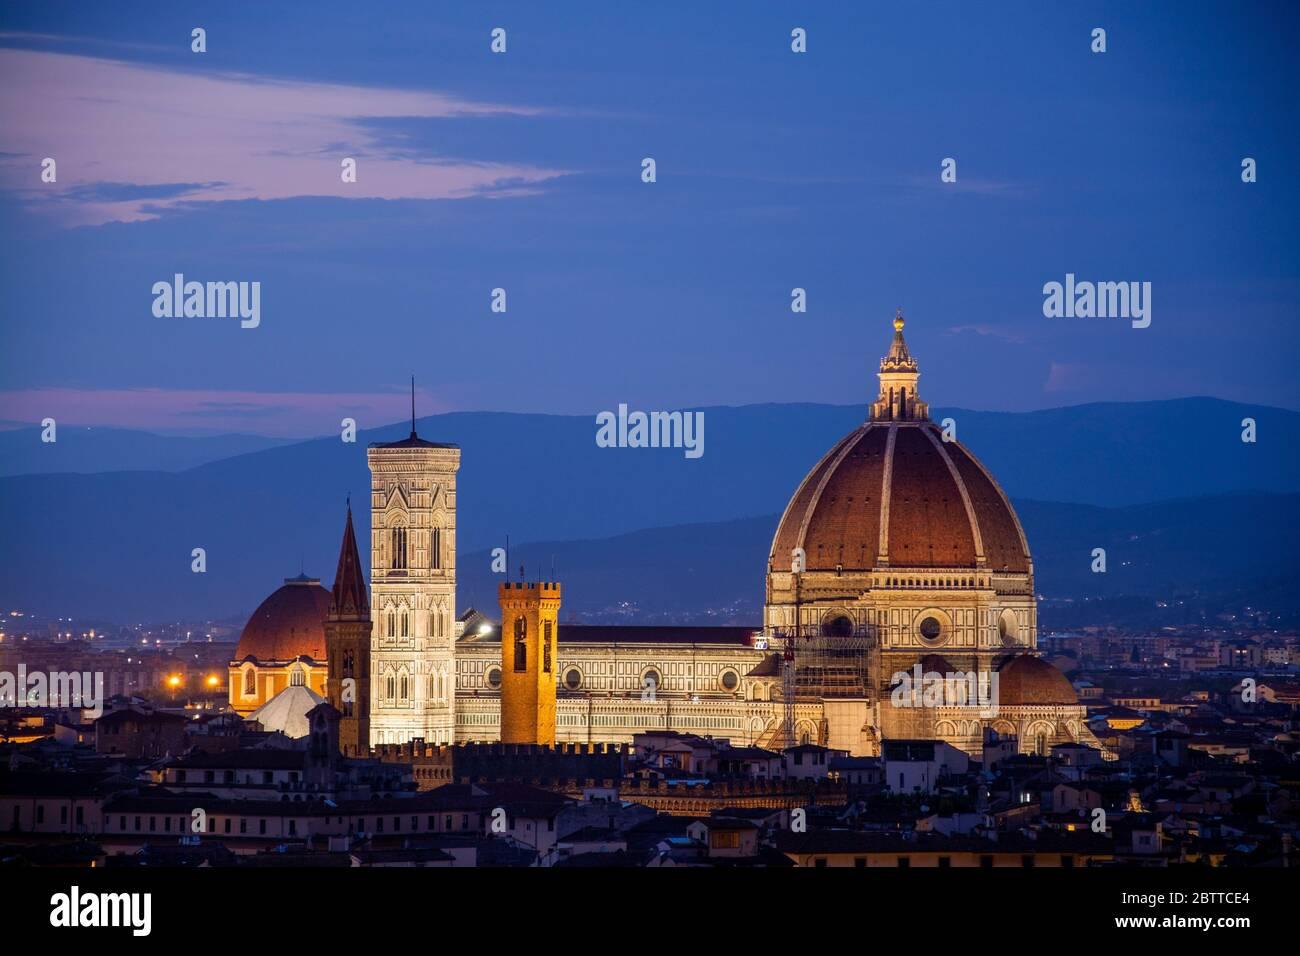 Florenz, Italien, ist für seine Geschichte berühmt. ALS Zentrum des spätmittelalterlichen europäischen Handels- und Finanzwesens war es eine der reich Foto Stock